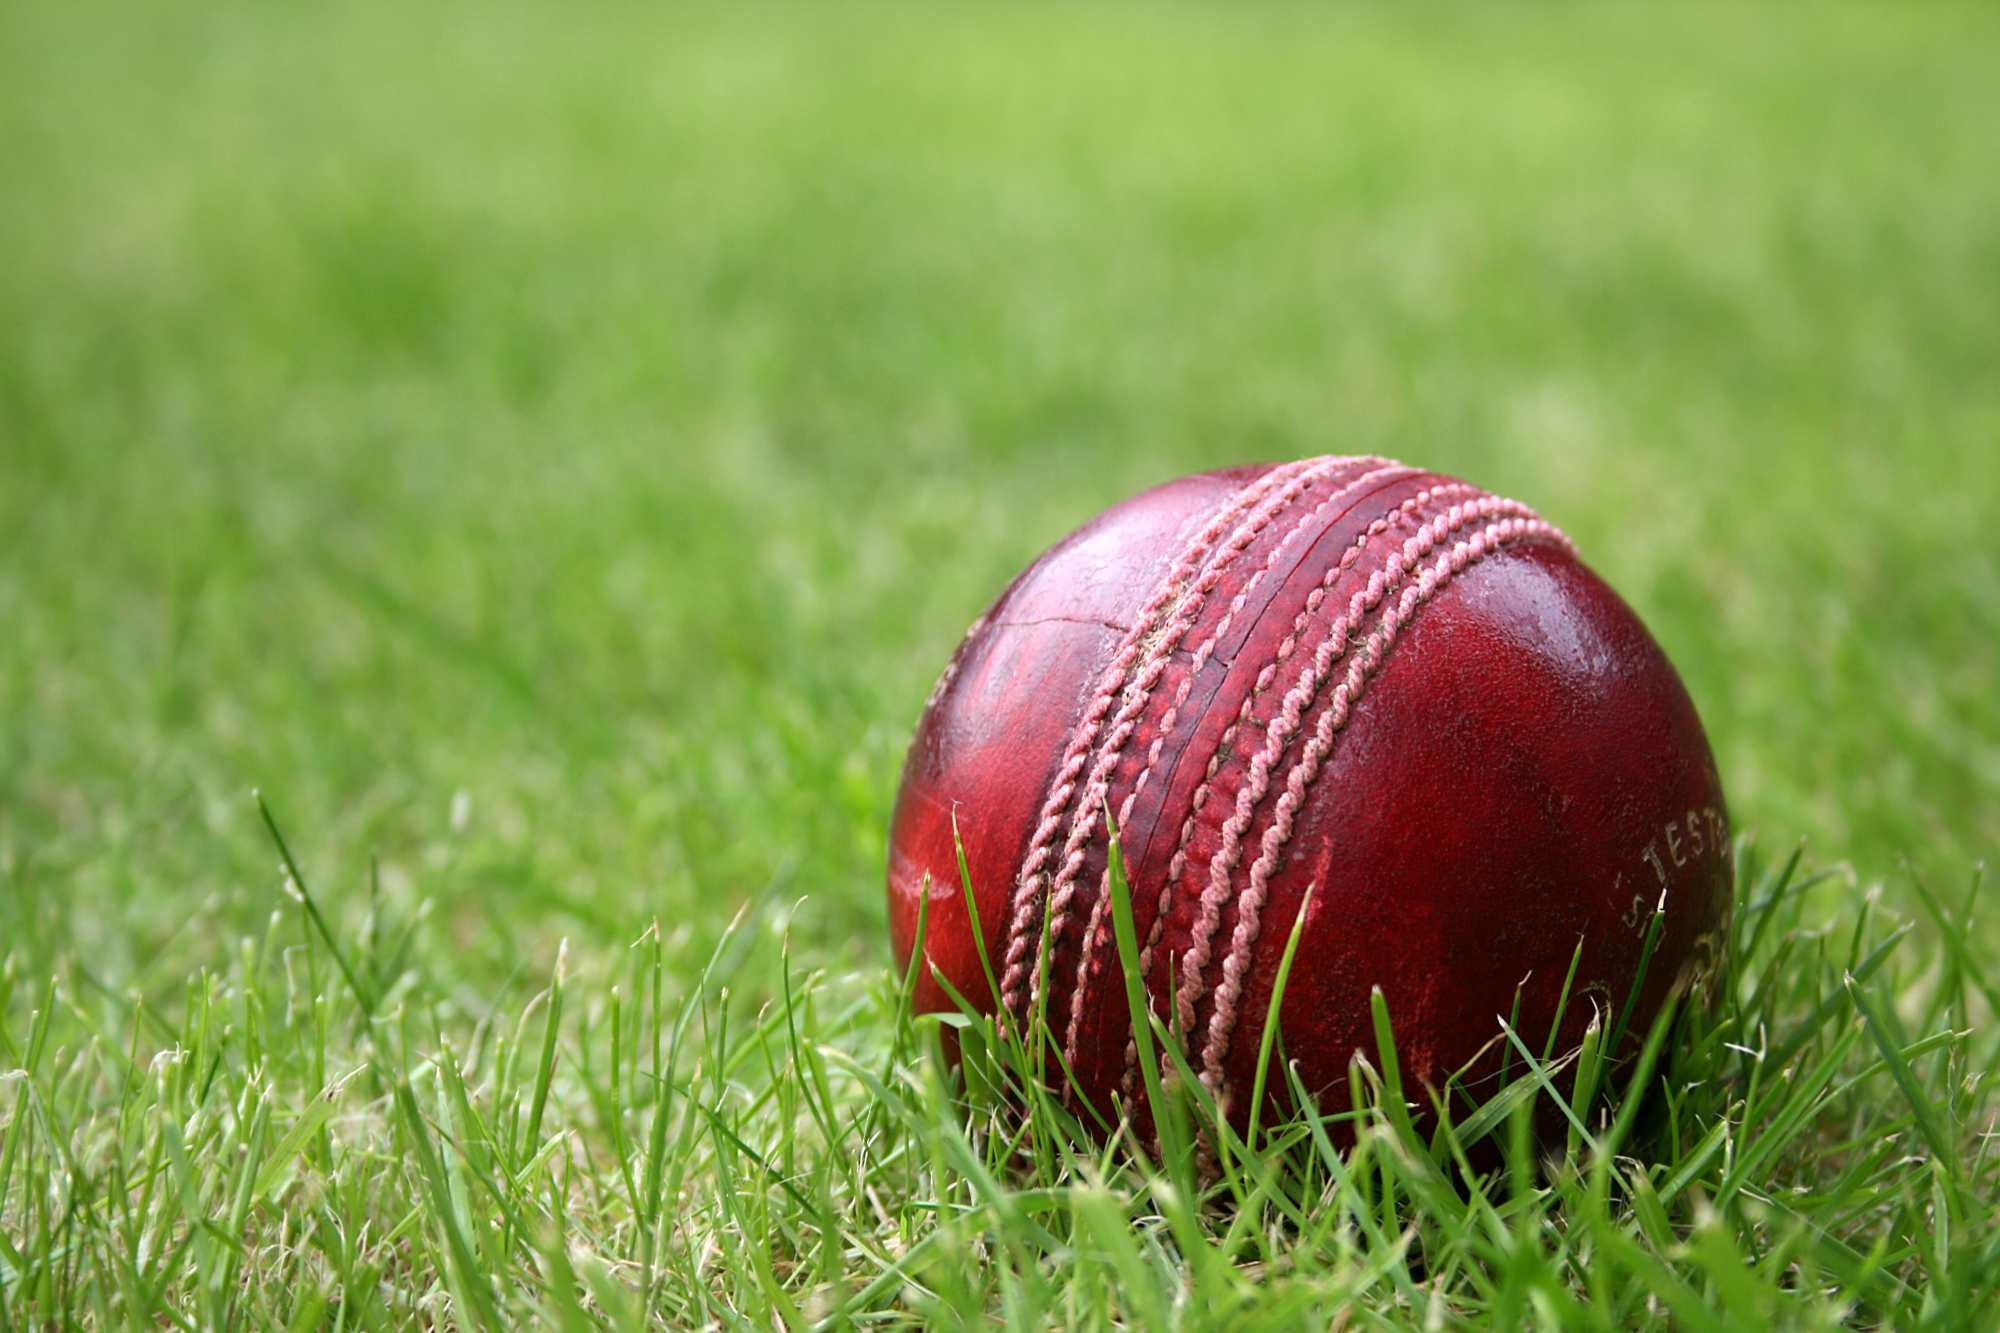 cricket-ball-grass-2